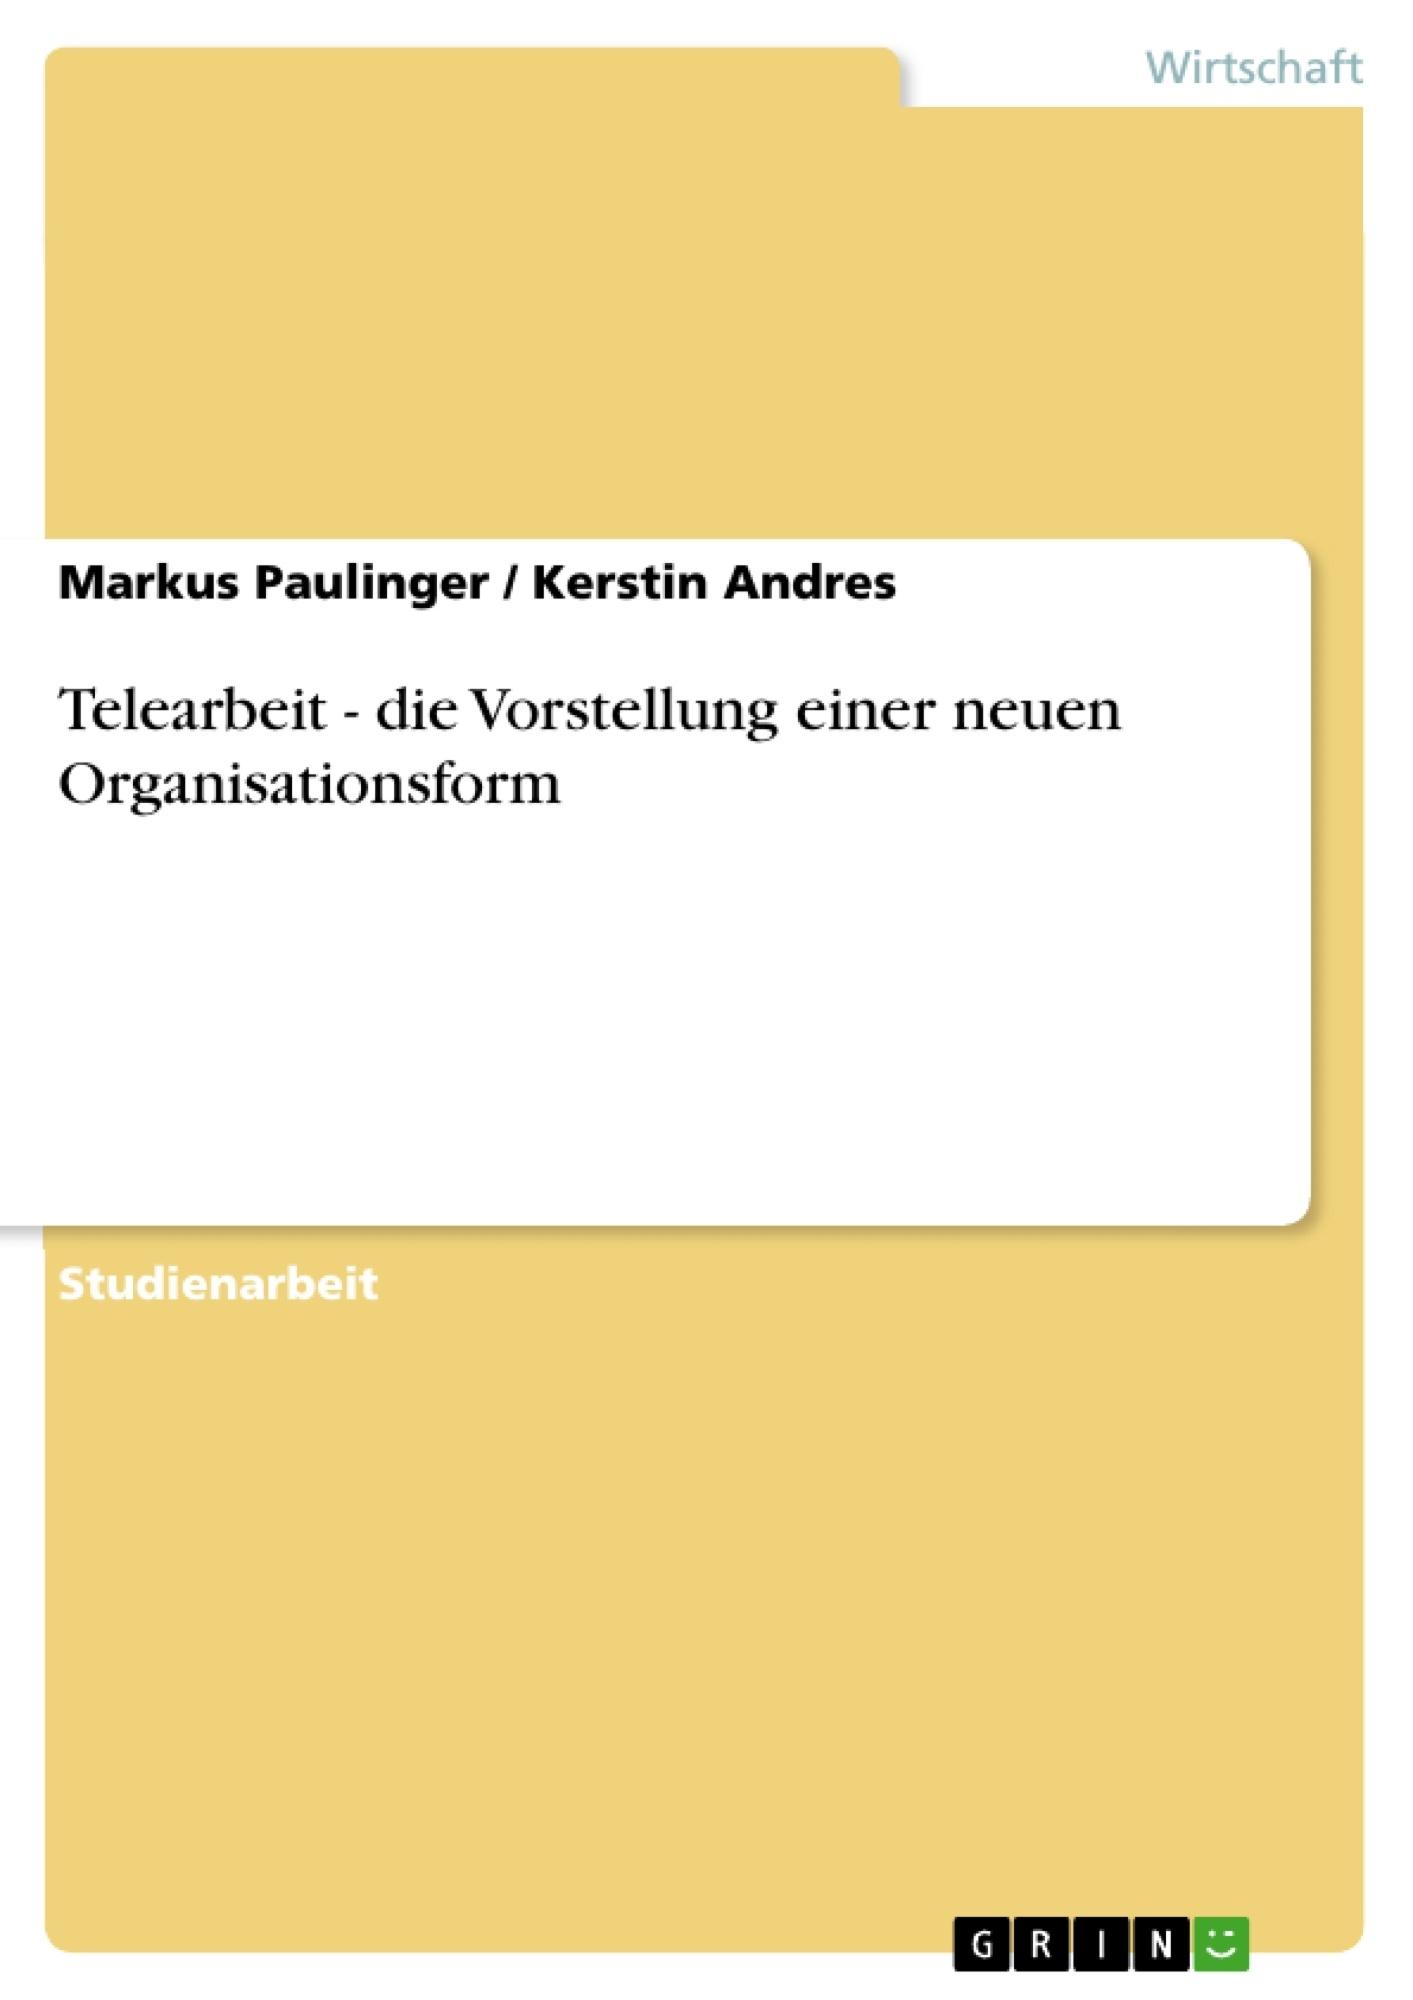 Titel: Telearbeit - die Vorstellung einer neuen Organisationsform